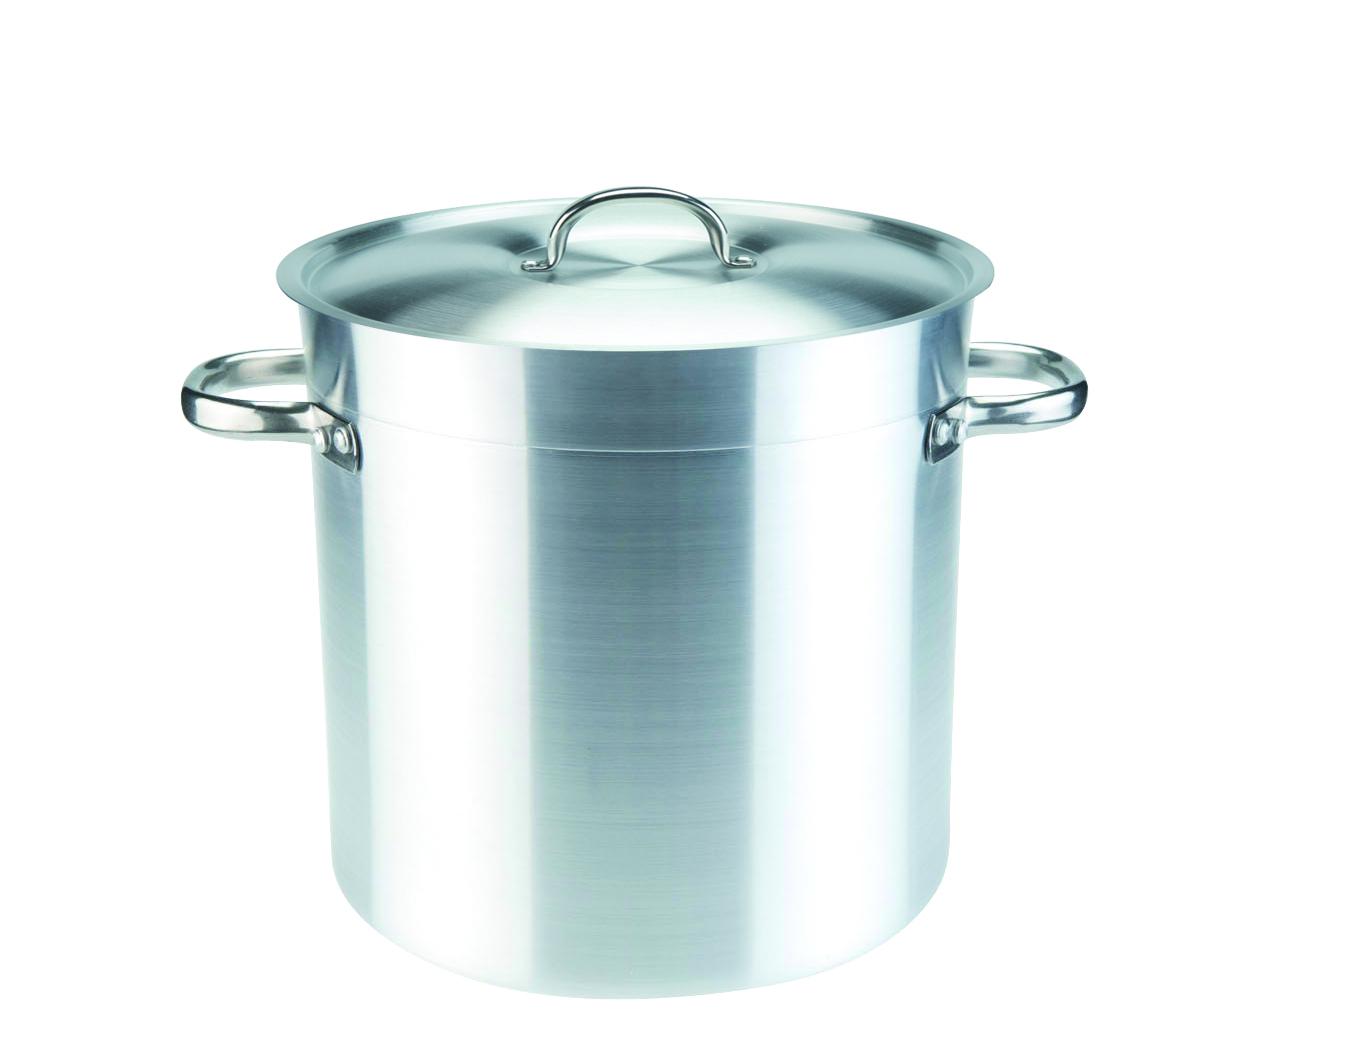 SKK dural profesionální hrnec 55 cm -  130 litrů